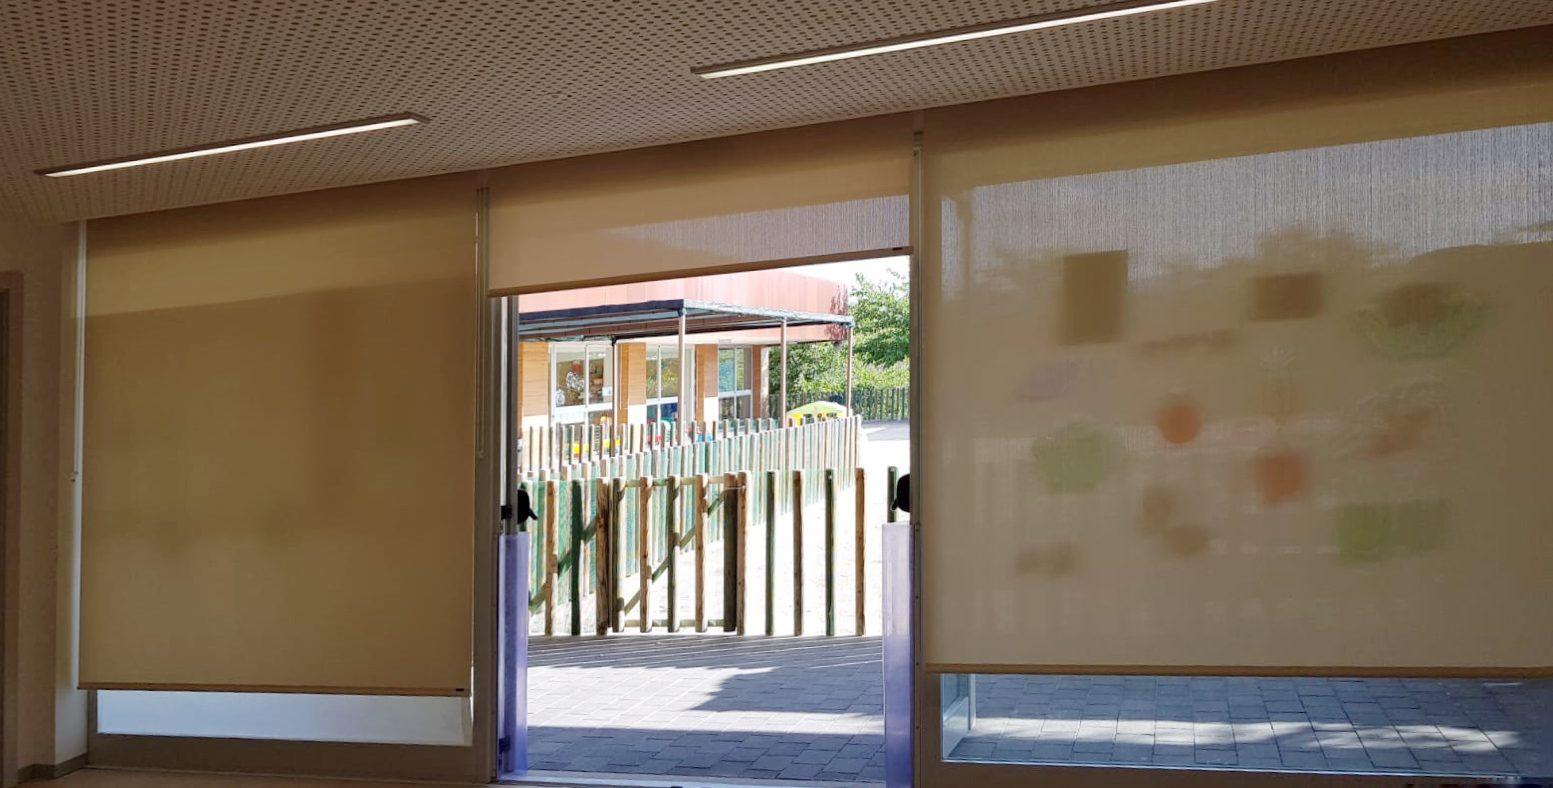 La Regidoria d'Ensenyament ha instal·lat cortines noves al menjador de la Llar d'Infants